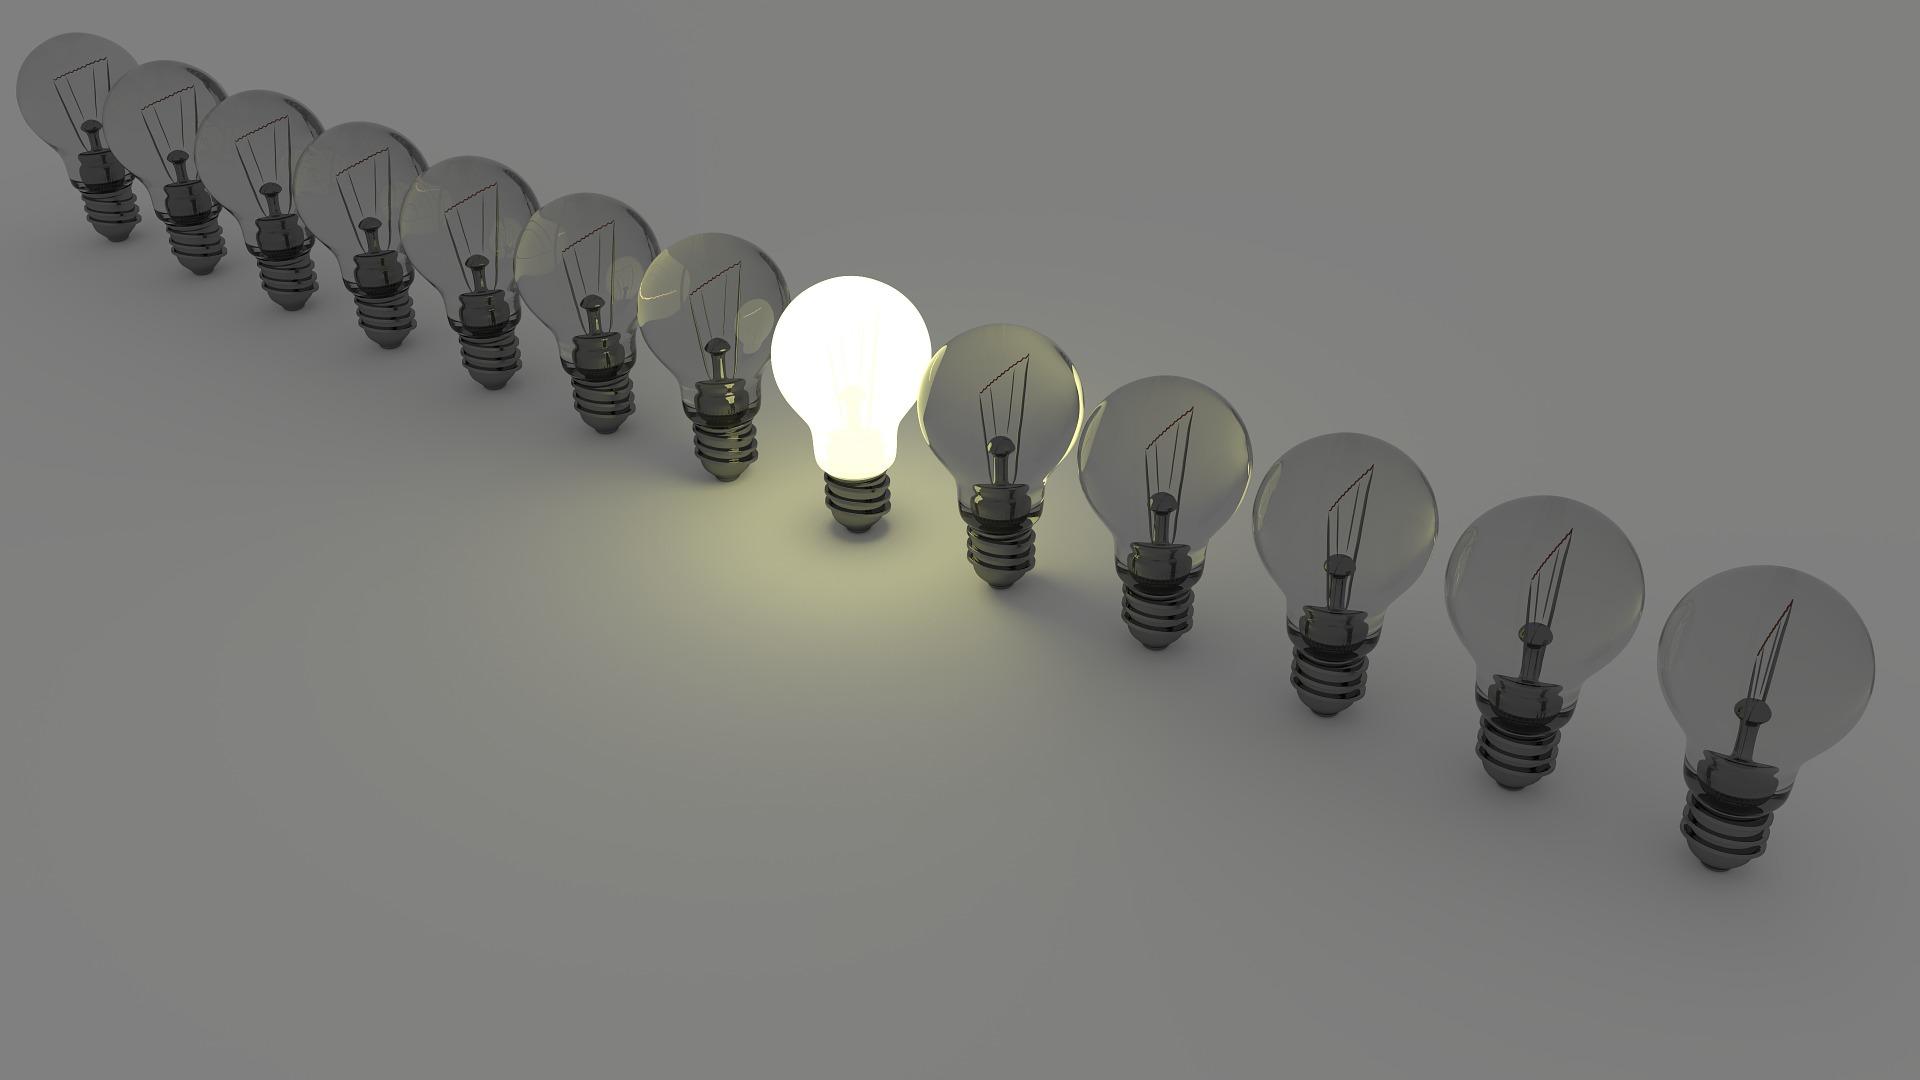 電球が1つだけ光ってる様子